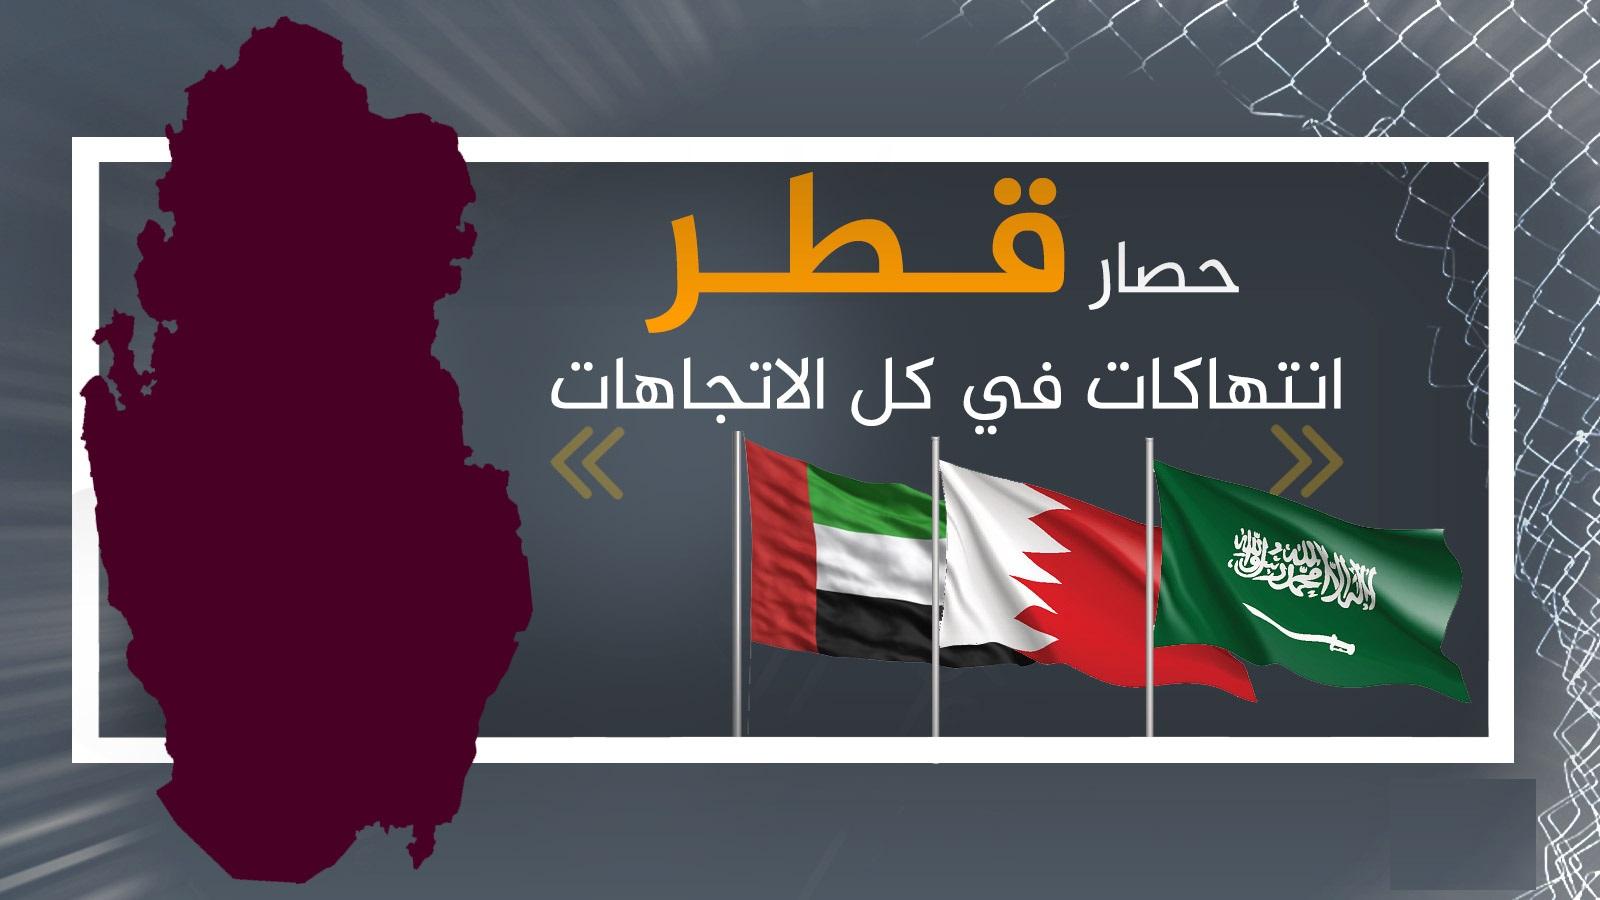 حقائق صادمة: دول الحصار أردات الحصول على ضوء أخضر لغزو قطر والسيطرة على أكبر حقل غاز